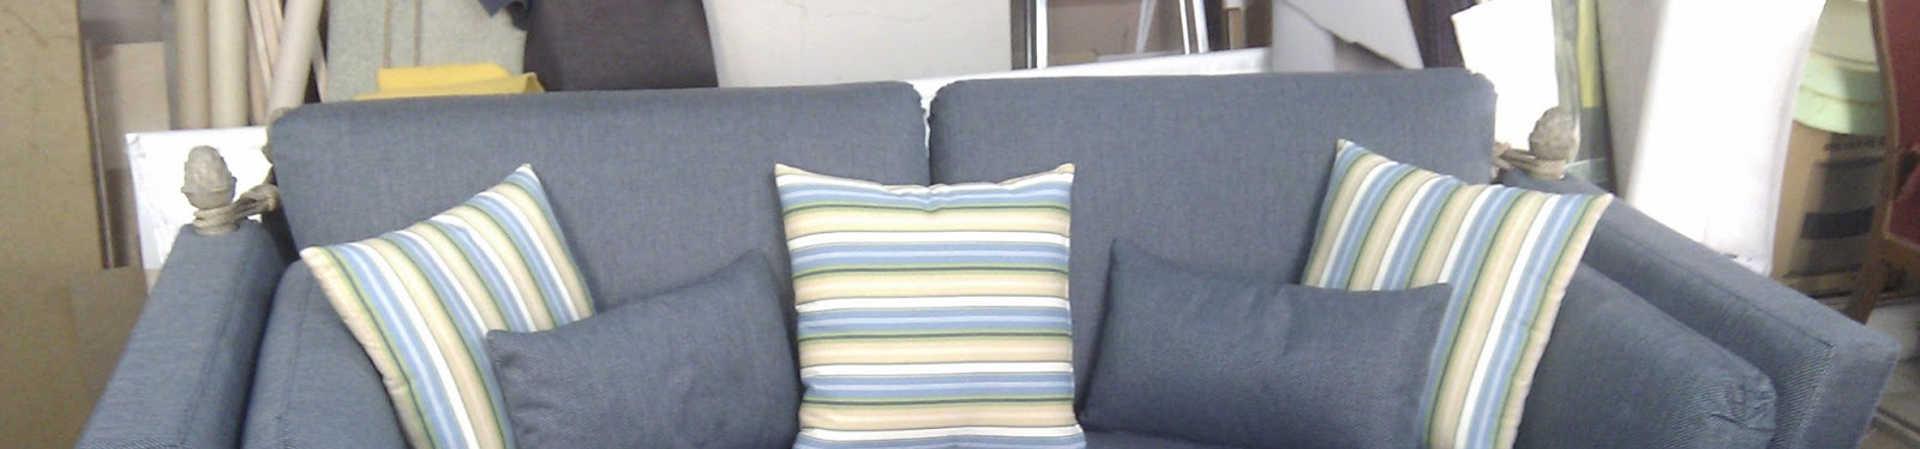 Mejor servicio de tapizado sillas y sof s en marbella - Precio tapizar sofa ...